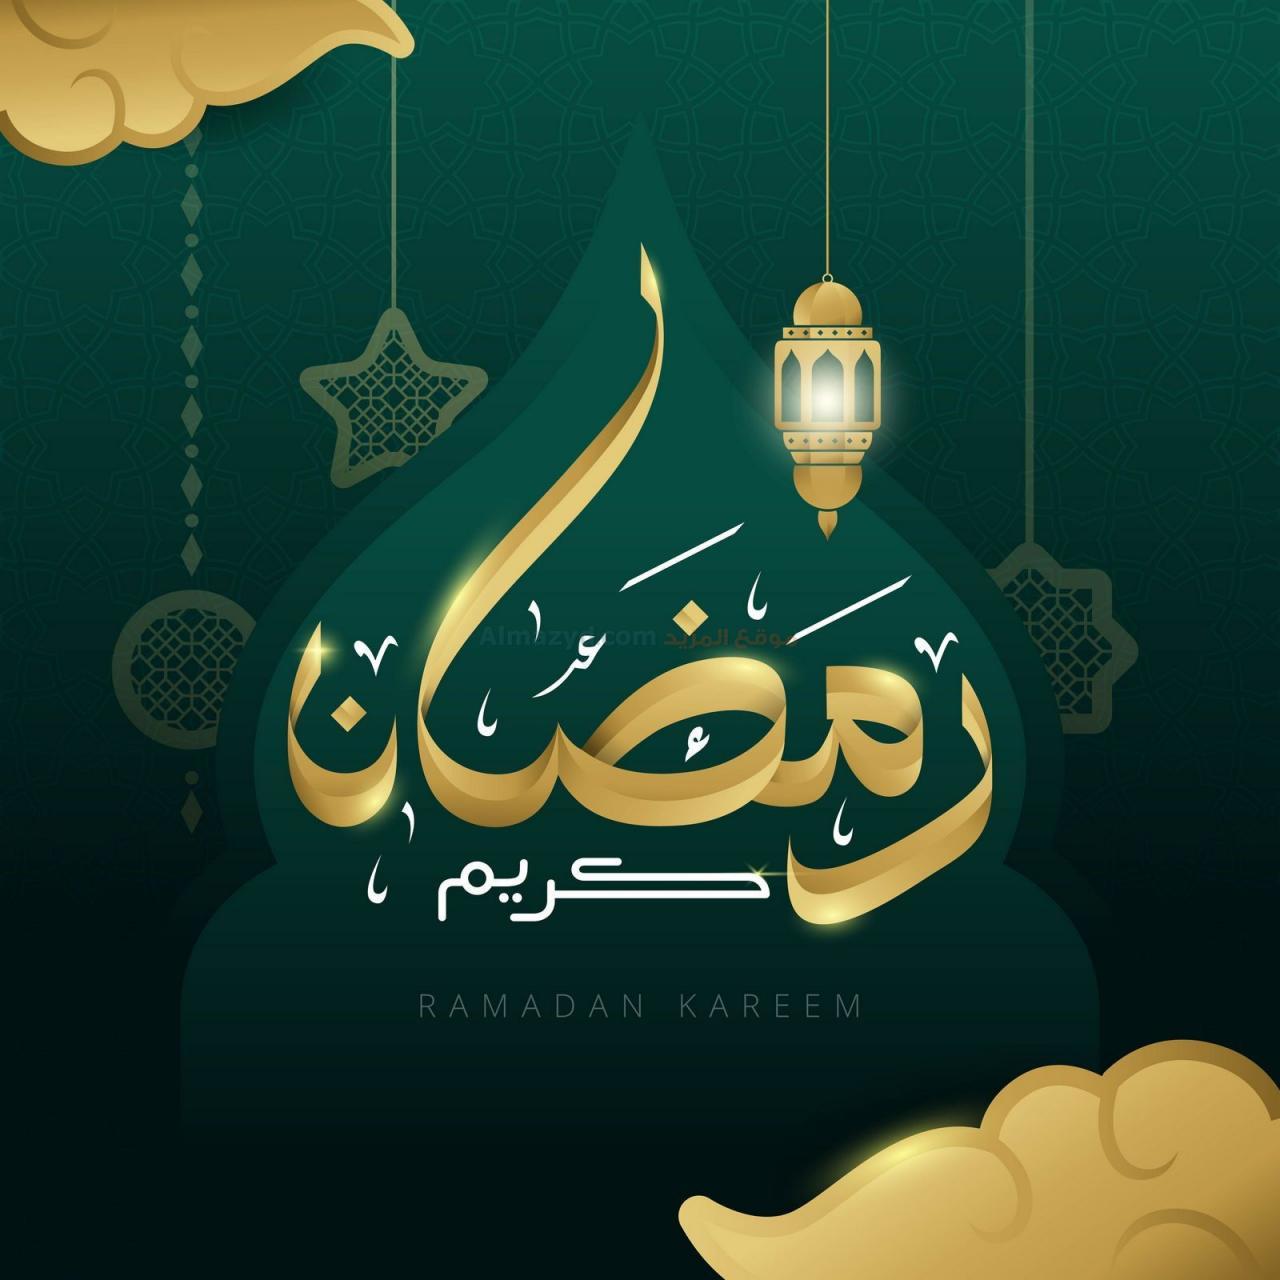 صورة صور عن رمضان, مظاهر الاحتفال بشهر رمضان المبارك